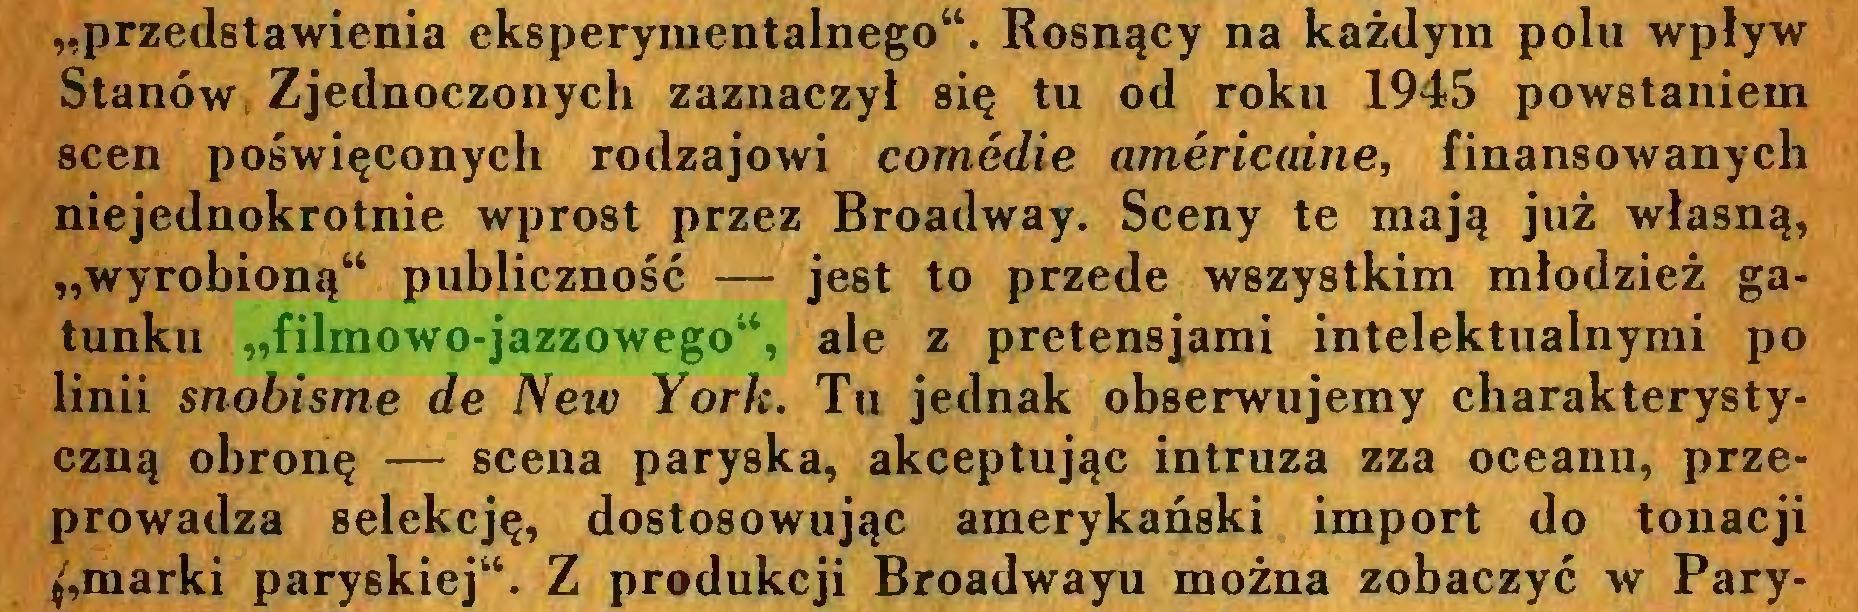 """(...) """"przedstawienia eksperymentalnego44. Rosnący na każdym polu wpływ Stanów Zjednoczonych zaznaczył się tu od roku 1945 powstaniem scen poświęconych rodzajowi comedie americaine, finansowanych niejednokrotnie wprost przez Broadway. Sceny te mają już własną, """"wyrobioną44 publiczność — jest to przede wszystkim młodzież gatunku """"filmowo-jazzowego44, ale z pretensjami intelektualnymi po linii snobisme de New York. Tu jednak obserwujemy charakterystyczną obronę — scena paryska, akceptując intruza zza oceanu, przeprowadza selekcję, dostosowując amerykański import do tonacji marki paryskiej44. Z produkcji Broadwayu można zobaczyć w Pary..."""